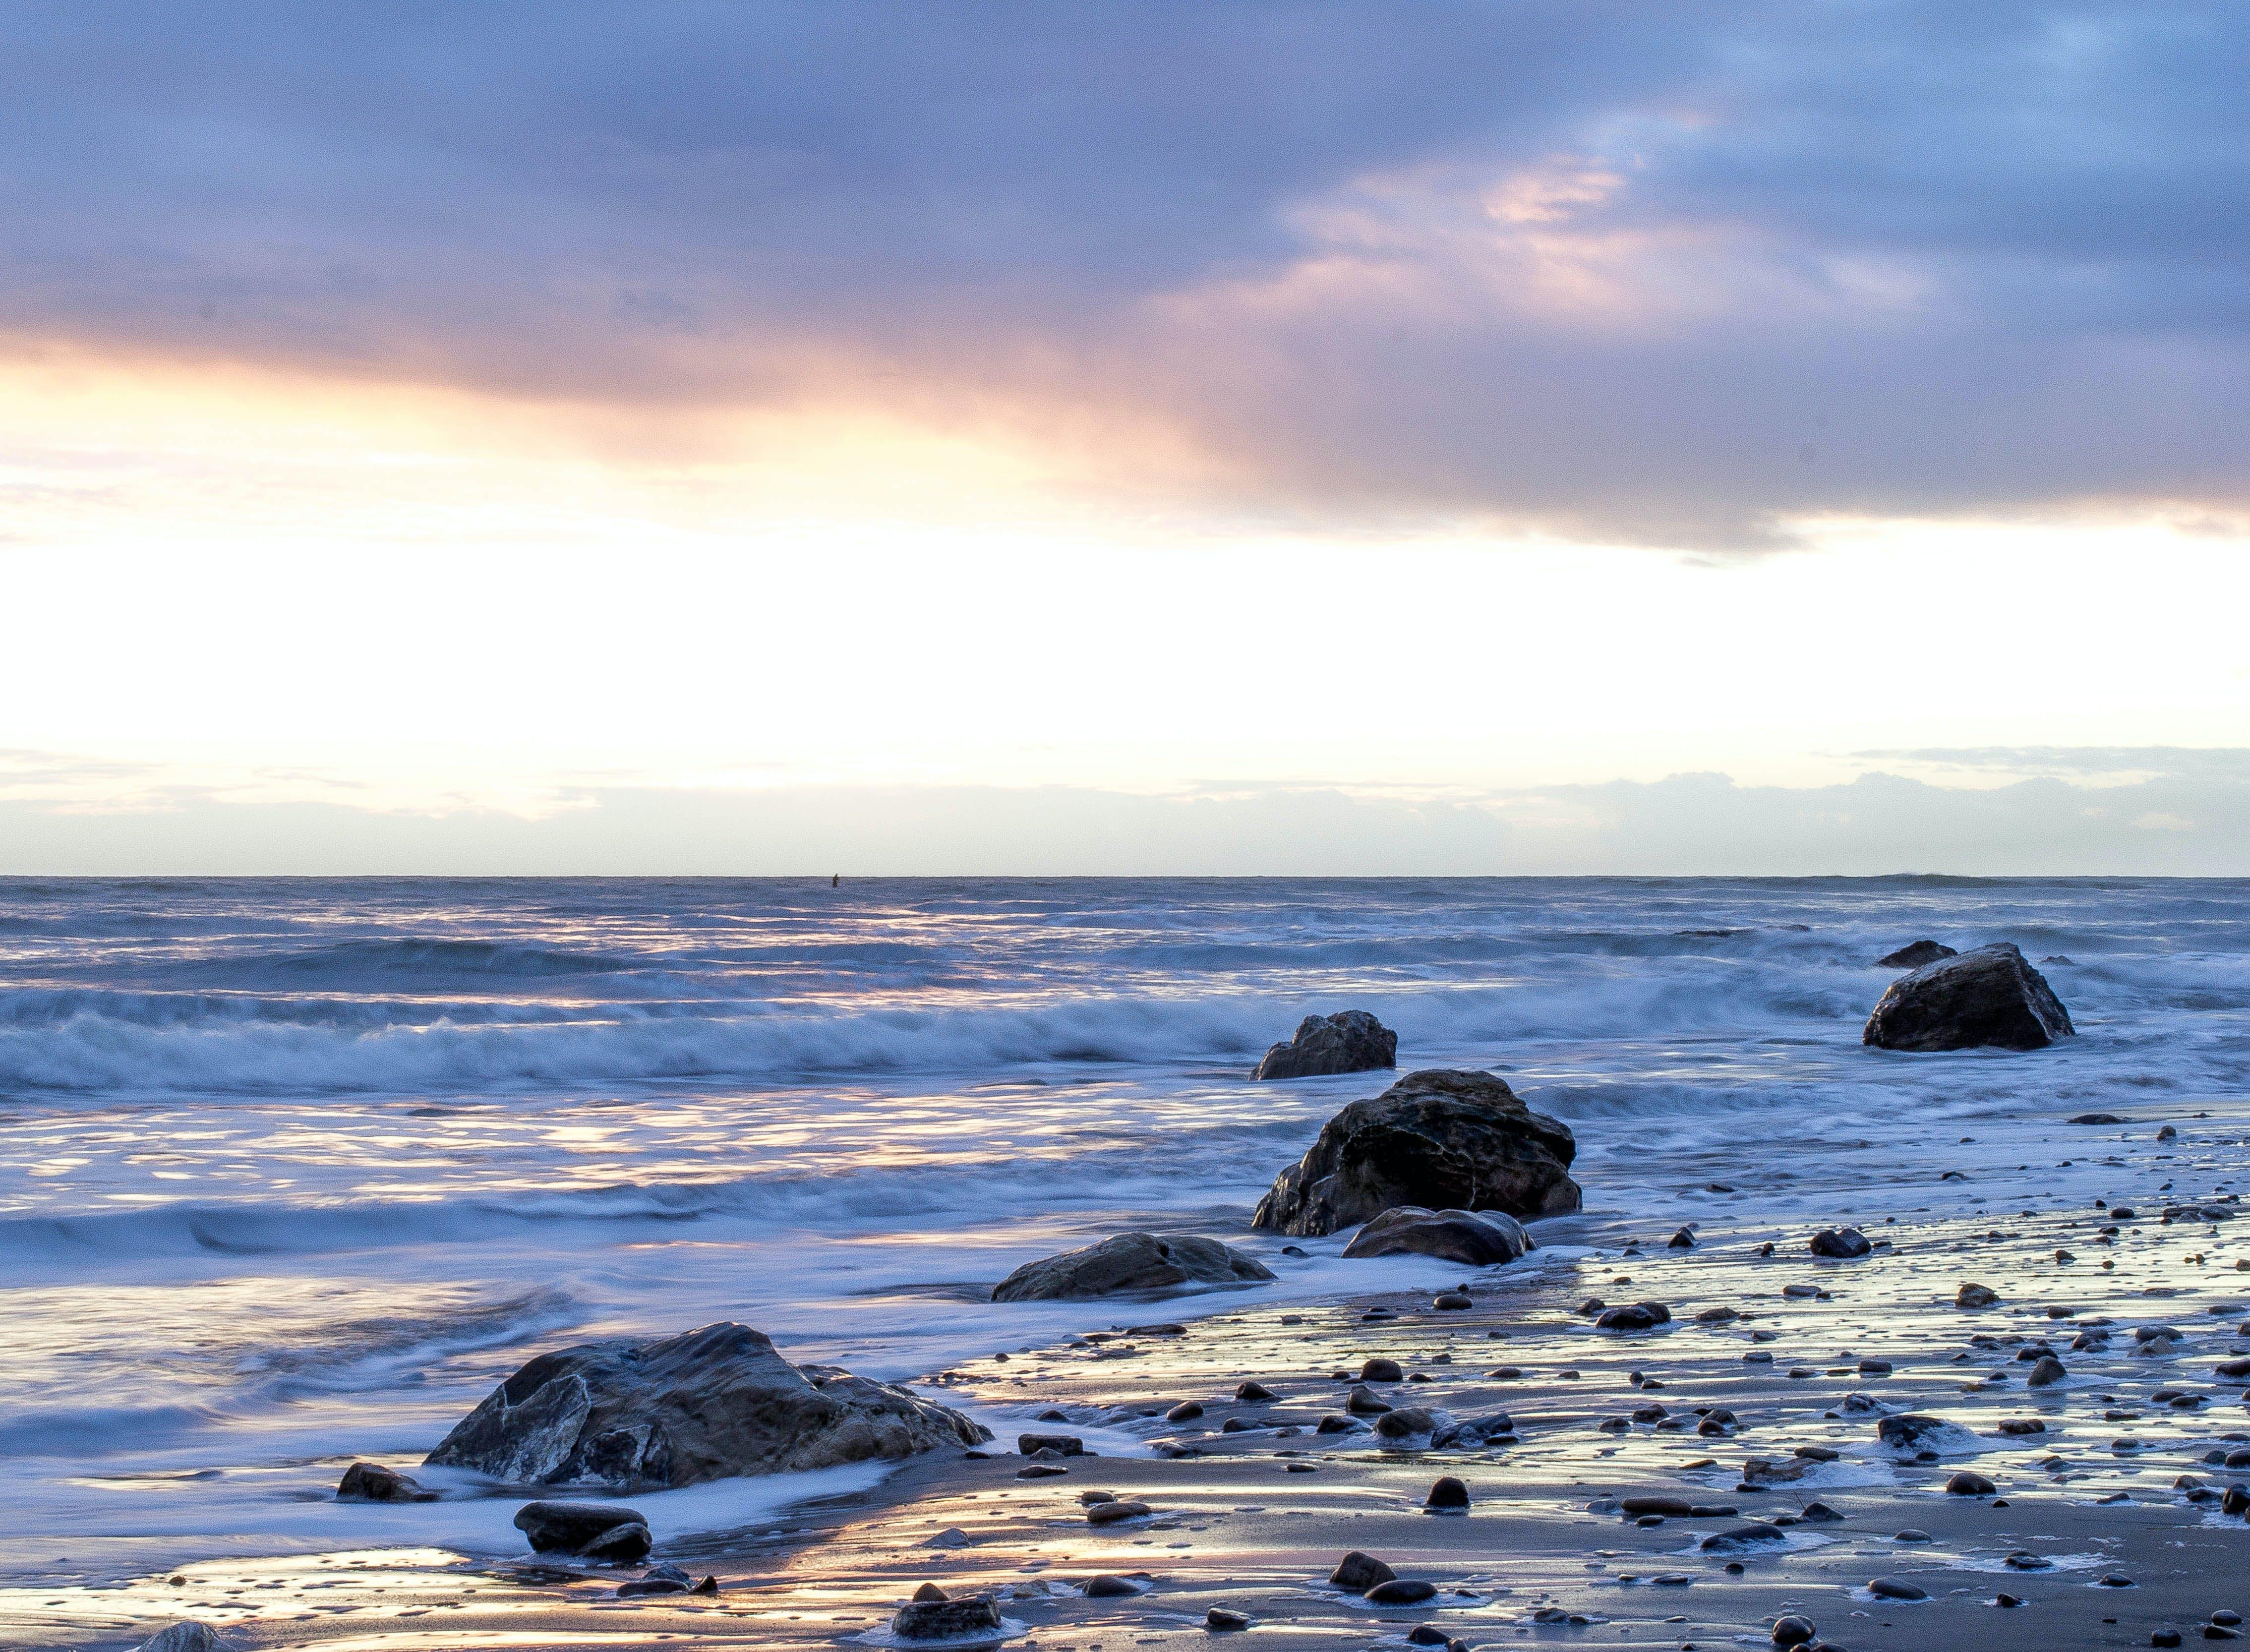 Sea Waves Splashing Through Rocks